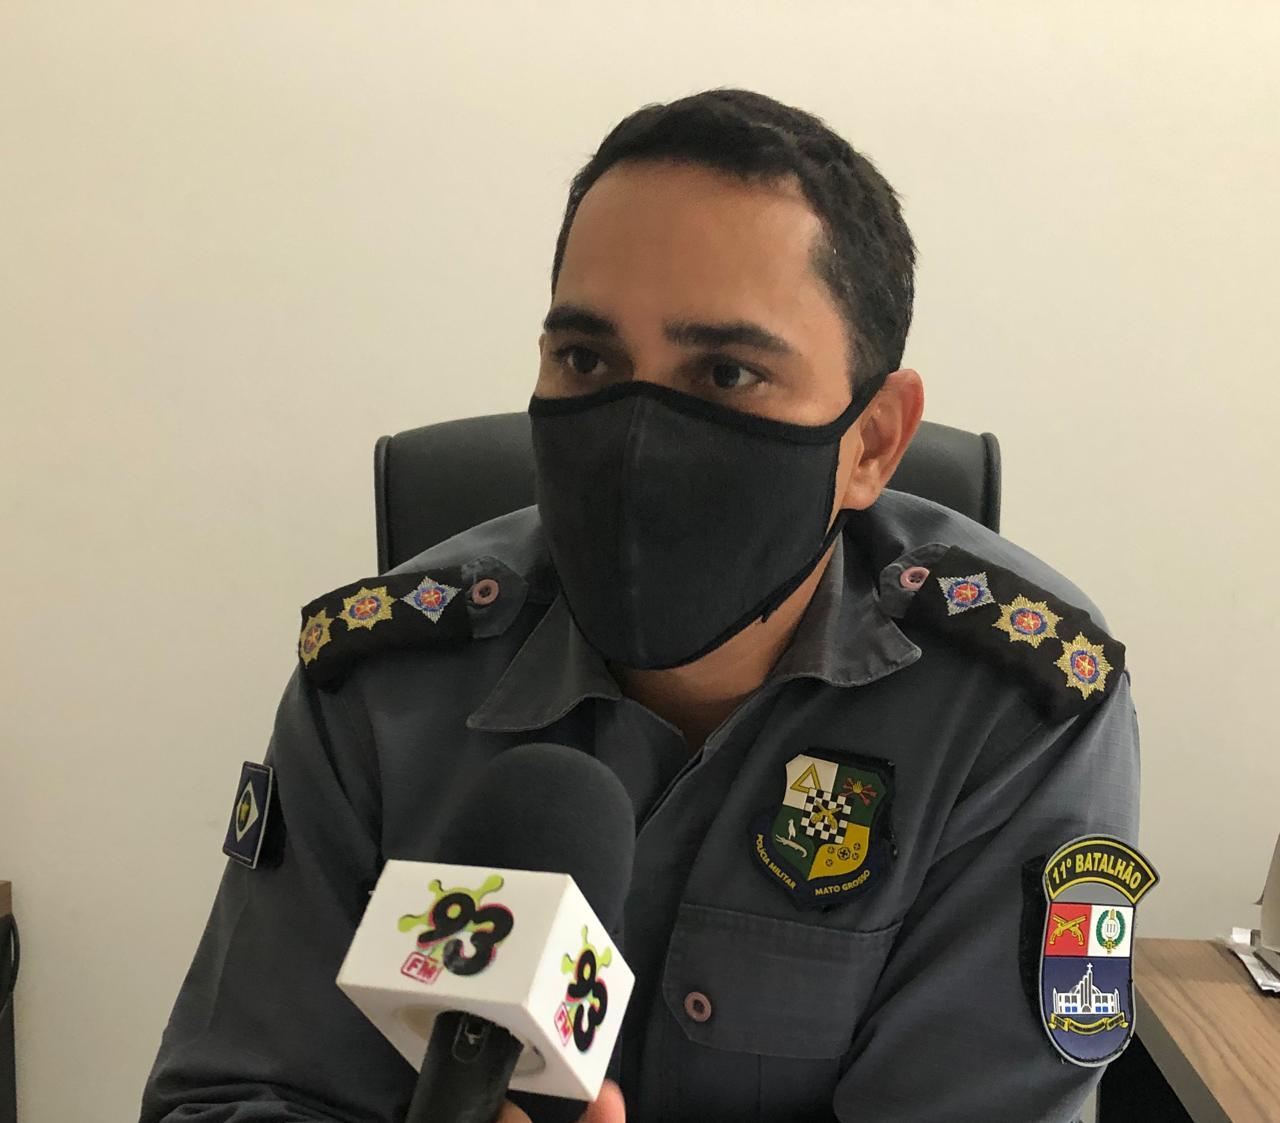 Sinop: Multas serão emitidas para quem descumprir o decreto estadual 2